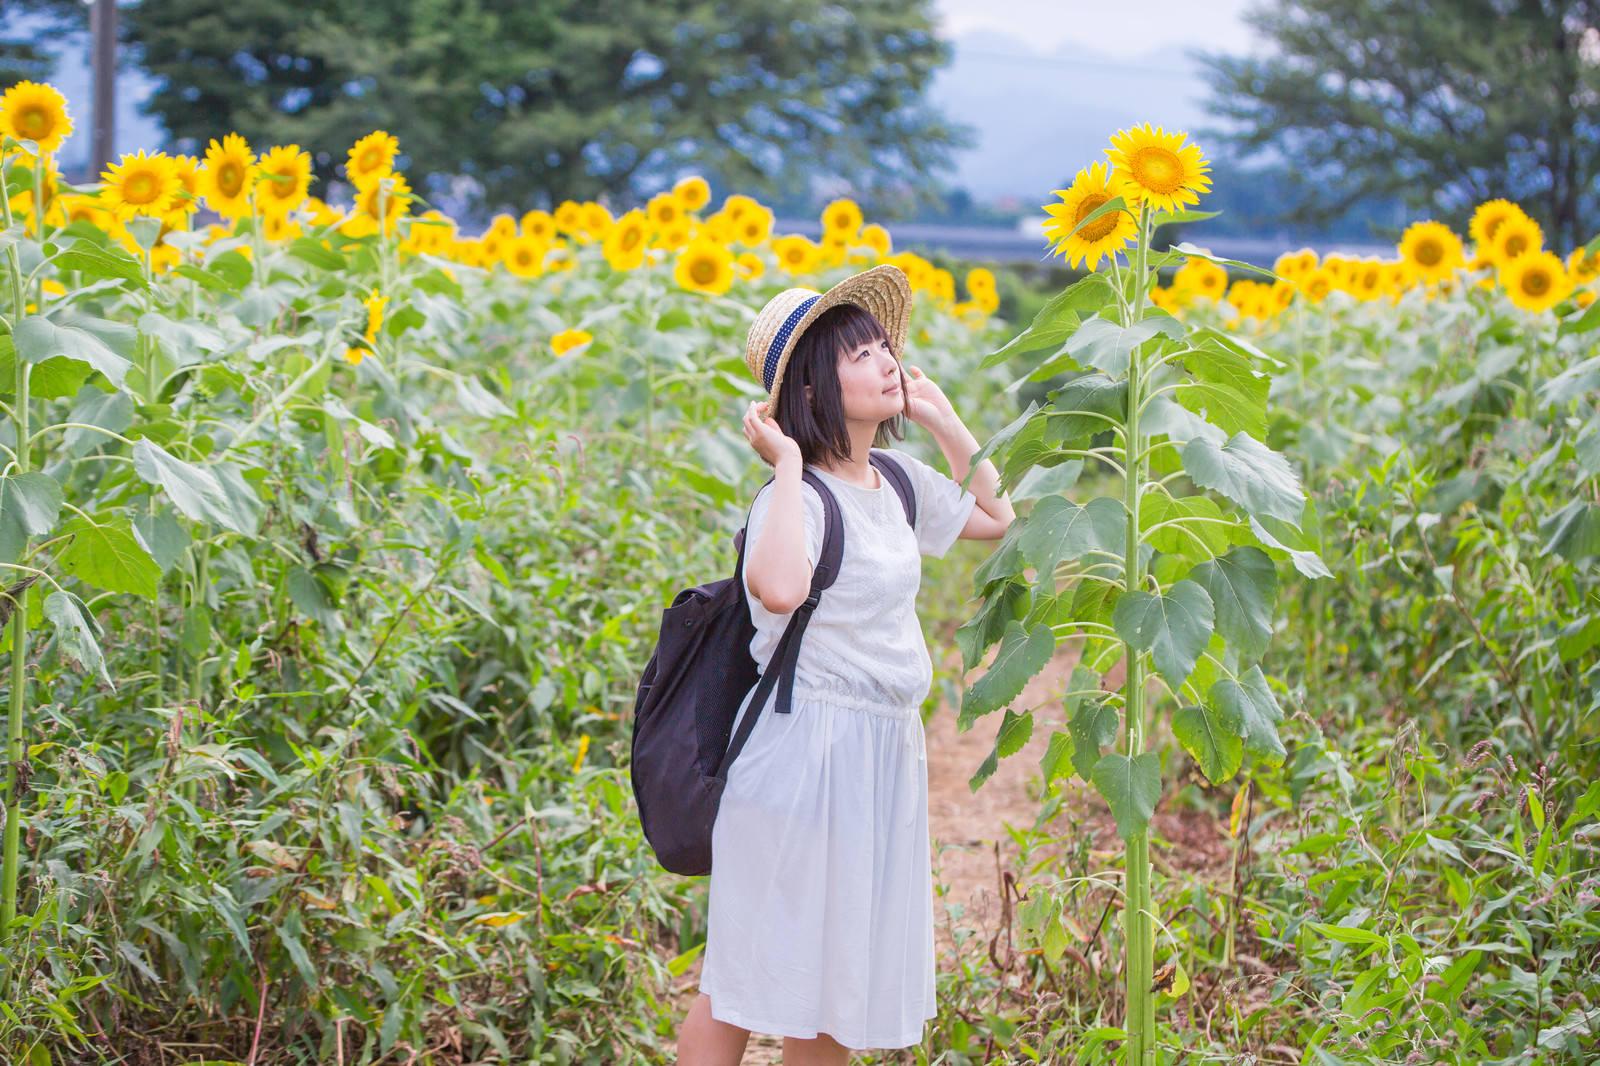 「すくすく育ったひまわりを見上げる麦わら女子」の写真[モデル:にゃるる]